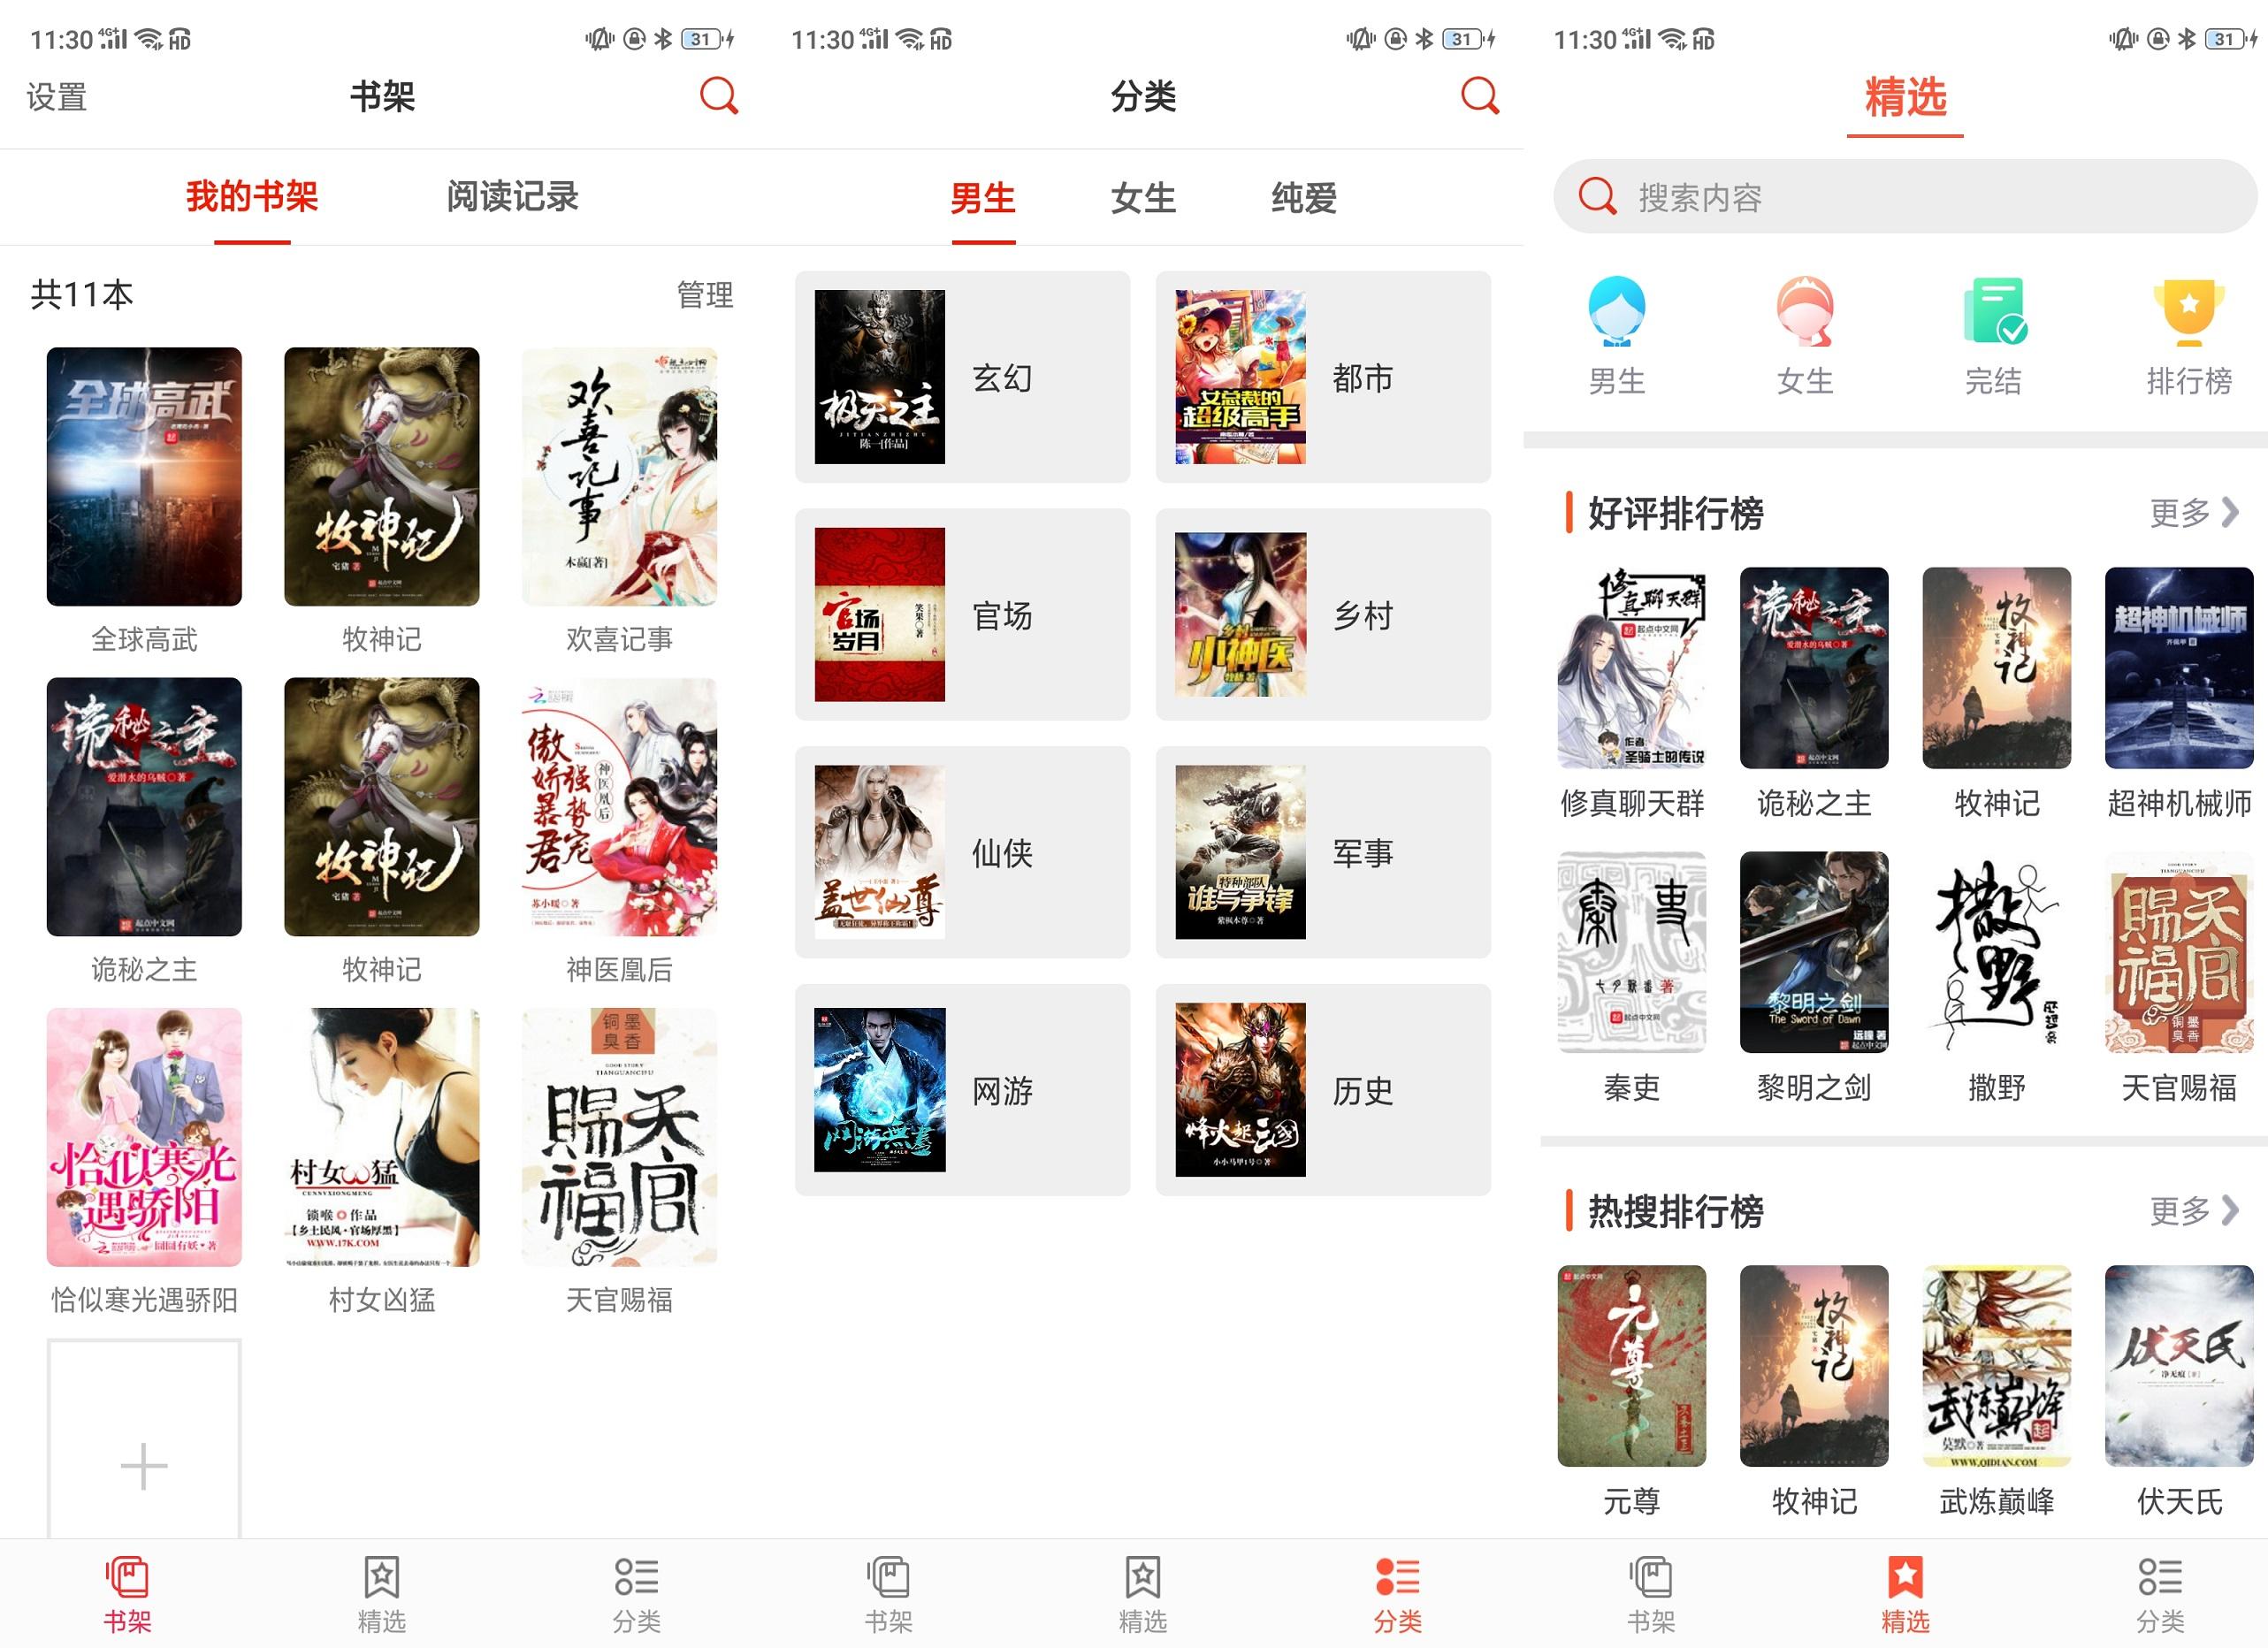 小说淘淘v1.0.18去广告清爽版 海量小说淘出来